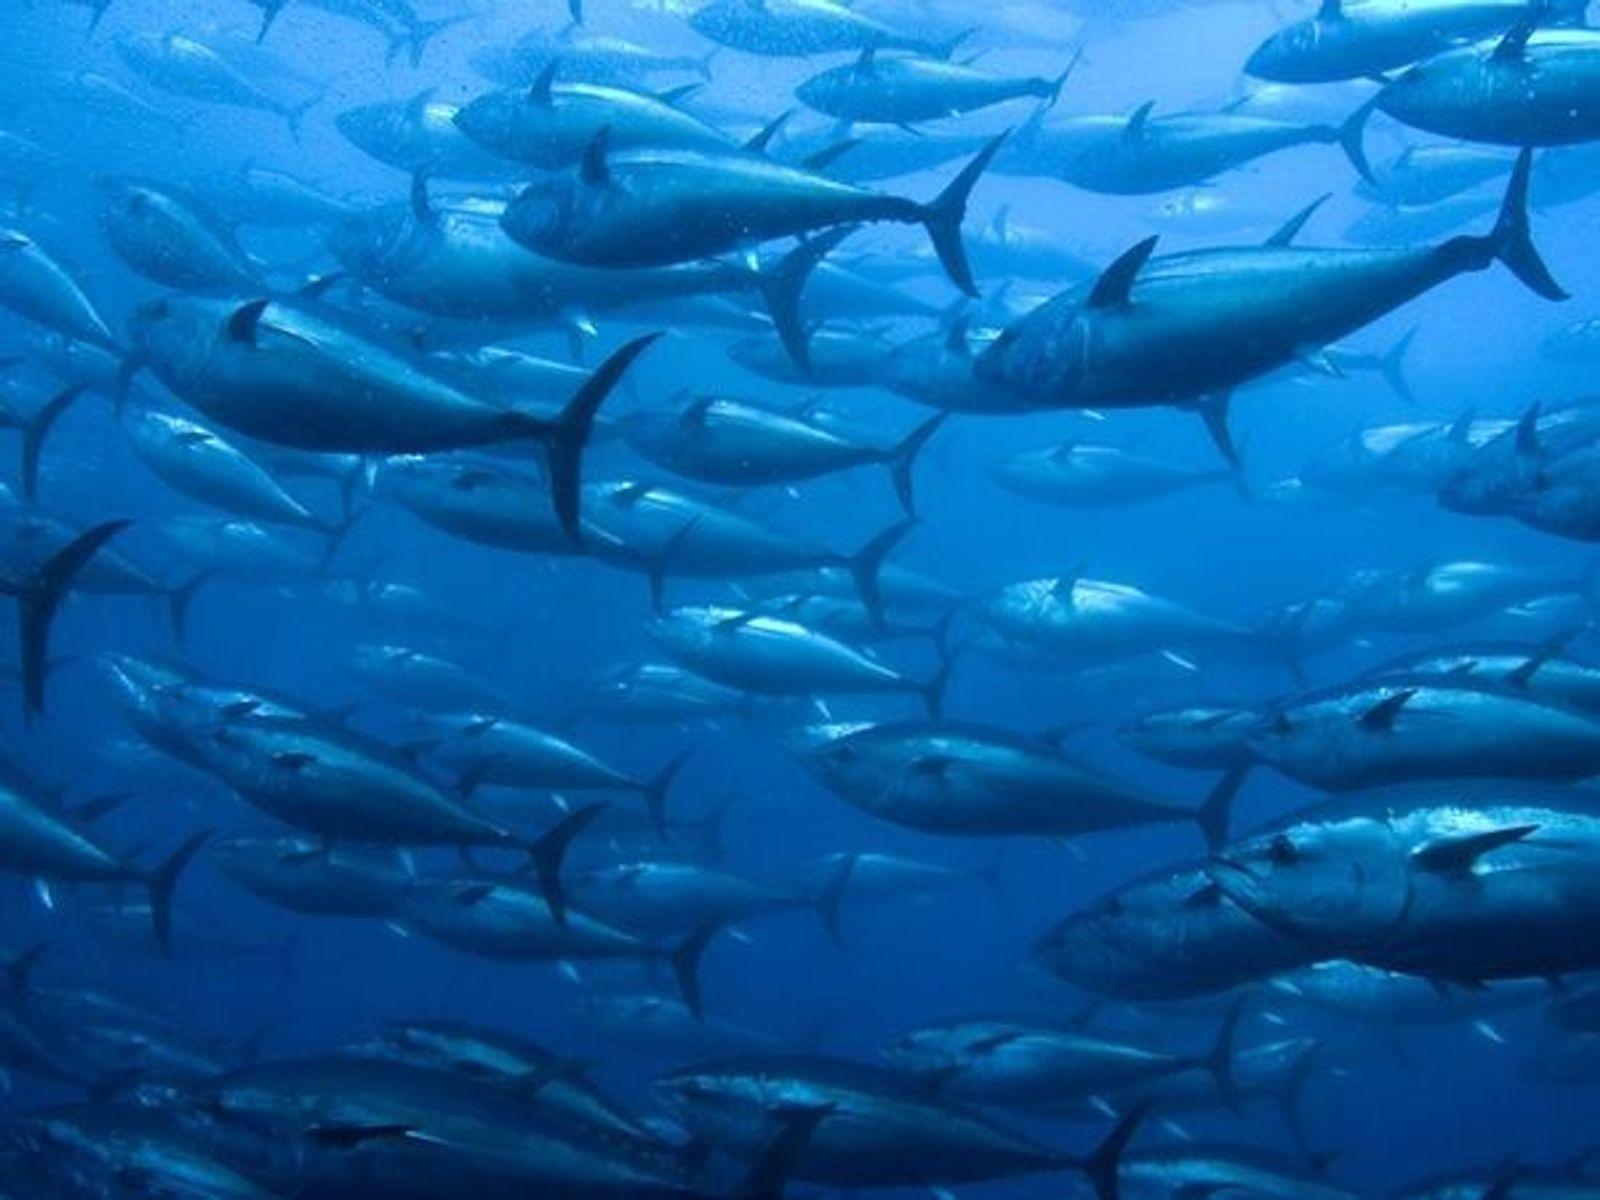 El futuro de las especies de atún del Atlántico, en grave peligro por la pesca indiscriminada